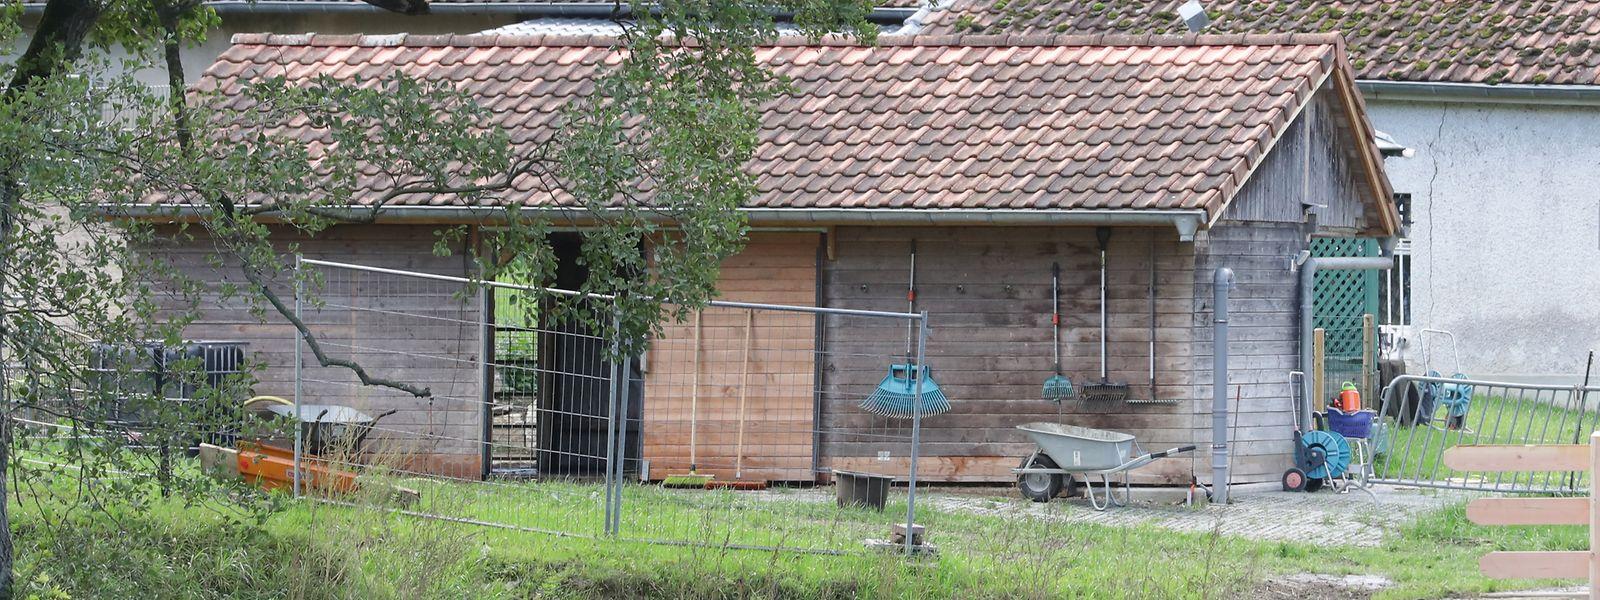 Der Viehunterstand wurde im Herbst 2018 errichtet und nachträglich vom Umweltministerium genehmigt.